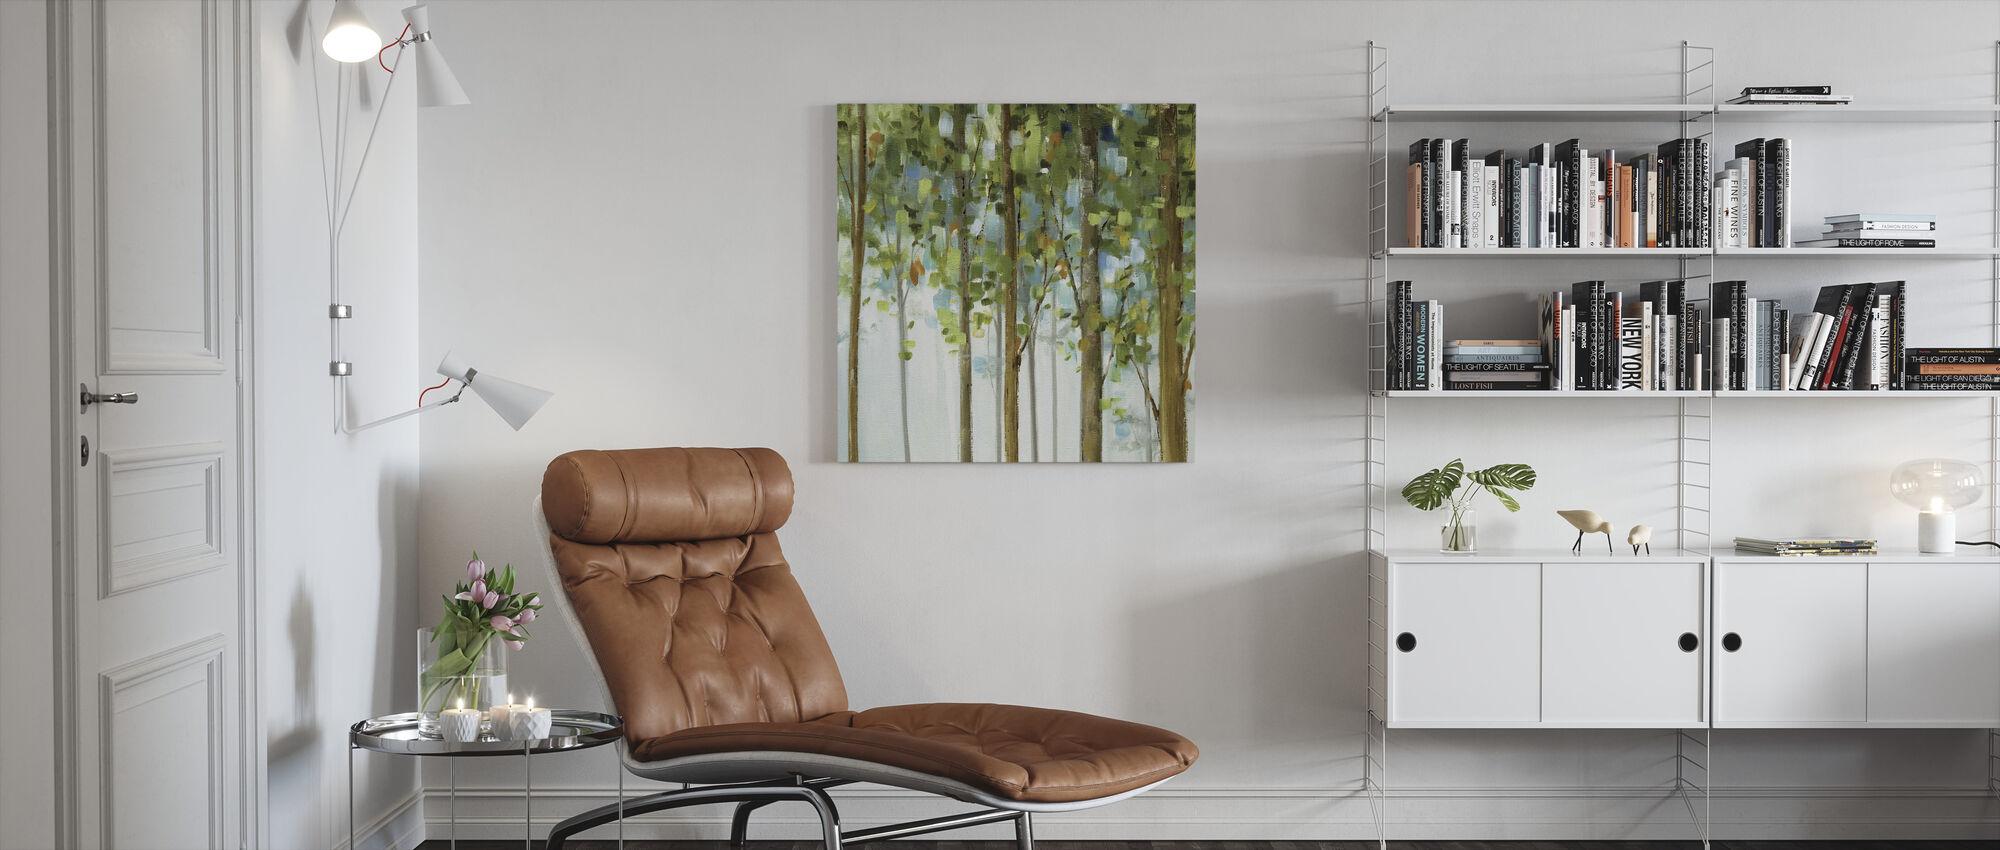 Bosstudie 2 - Canvas print - Woonkamer